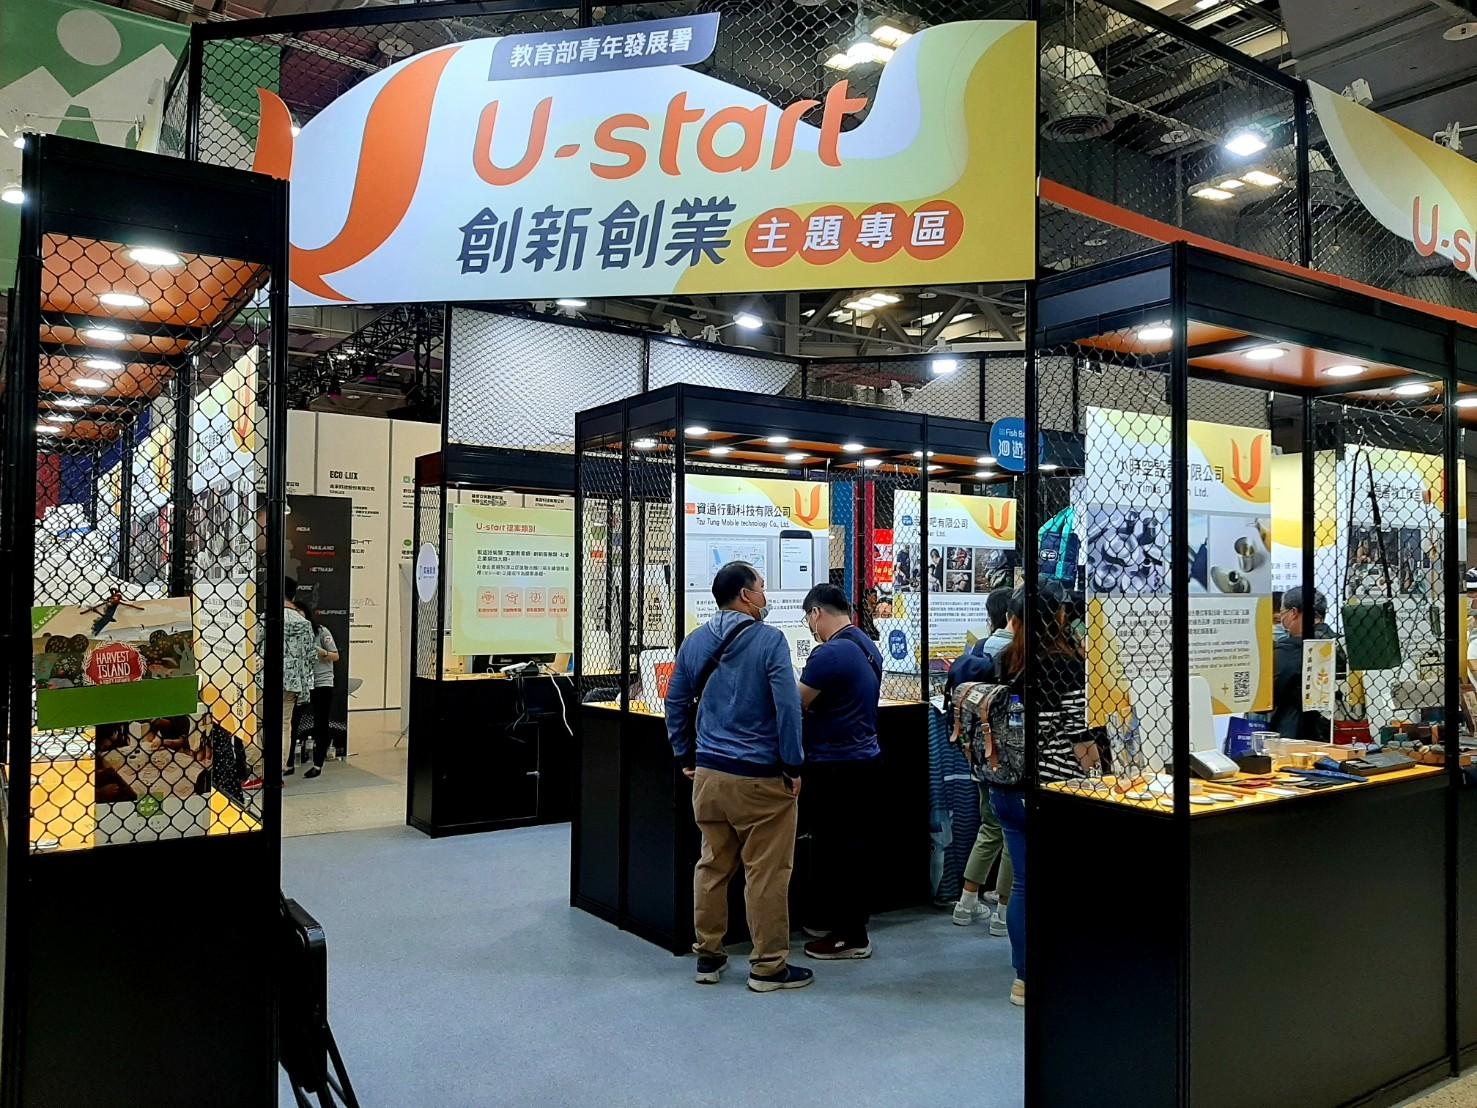 U-start創新創業計畫今年參加2020 Meet Taipei創新創業嘉年華創業展,邀請12組新創團隊打造U-start創新創業主題專區。攝影/汪祐寧